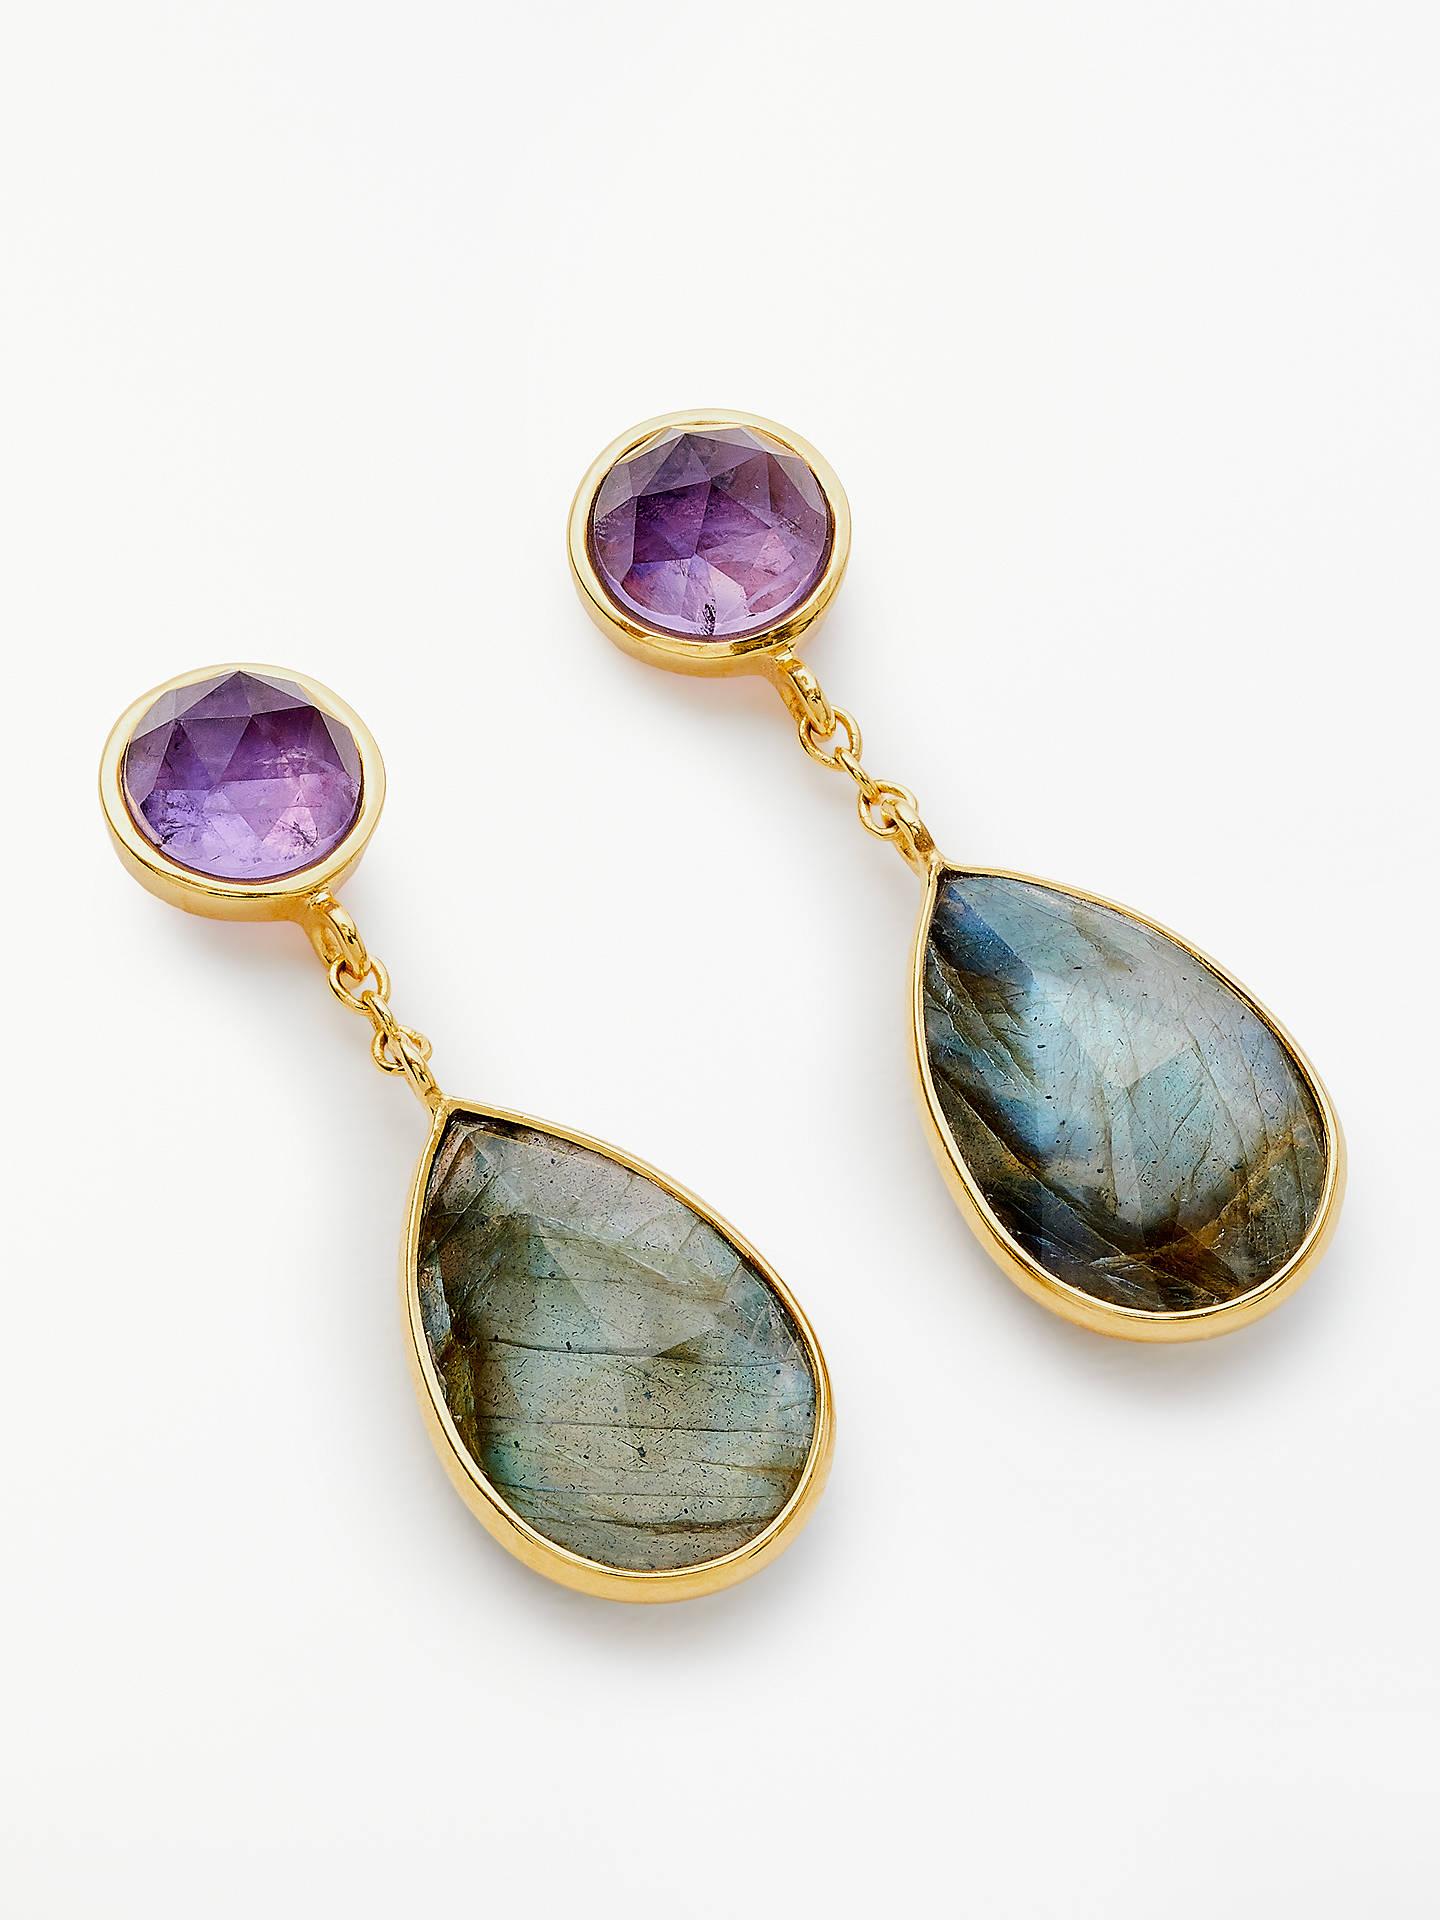 618be3da61e1 Buy John Lewis & Partners Semi-Precious Stone Teardrop Drop Earrings,  Amethyst/Labradorite ...